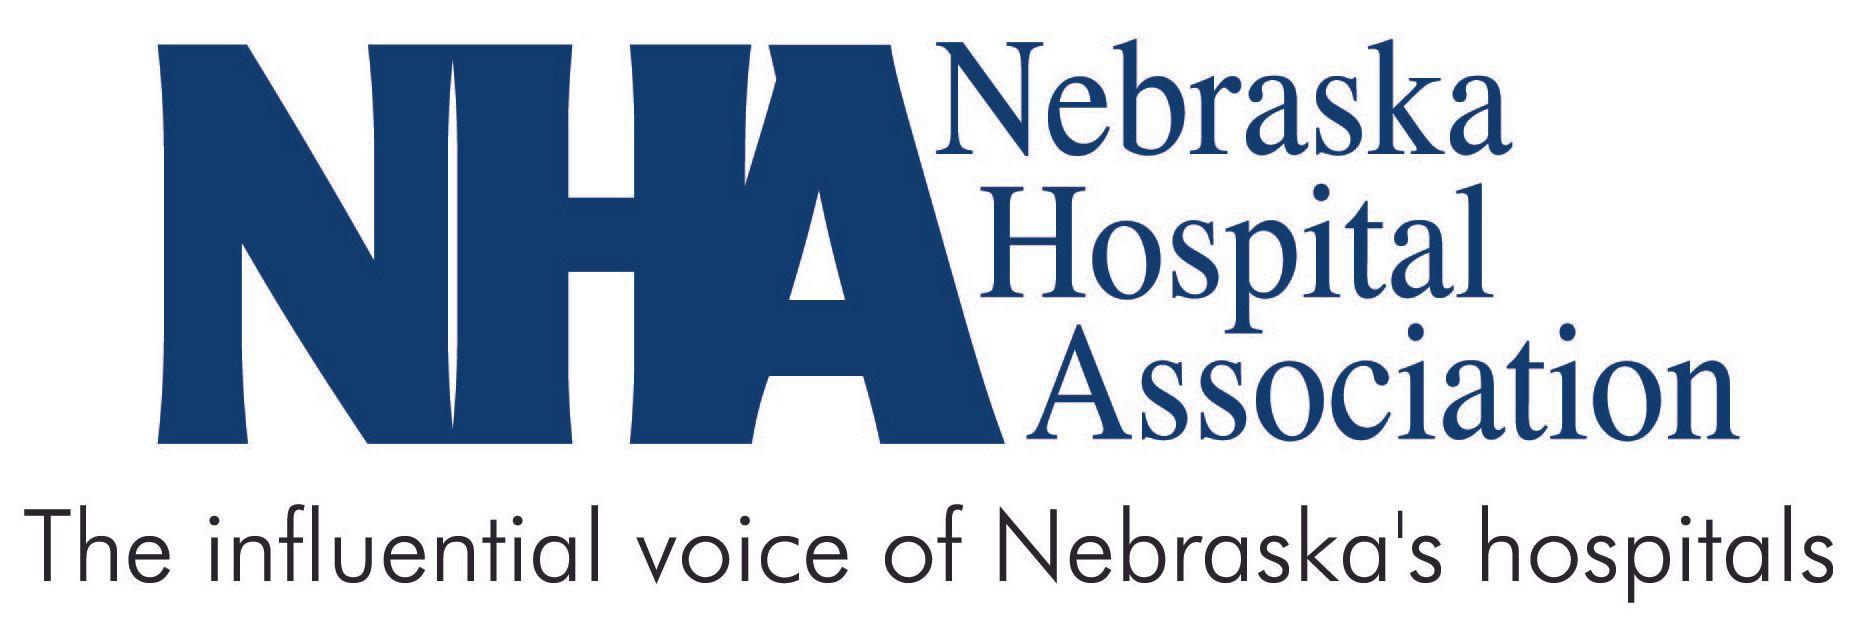 Nebraska Hospital Association